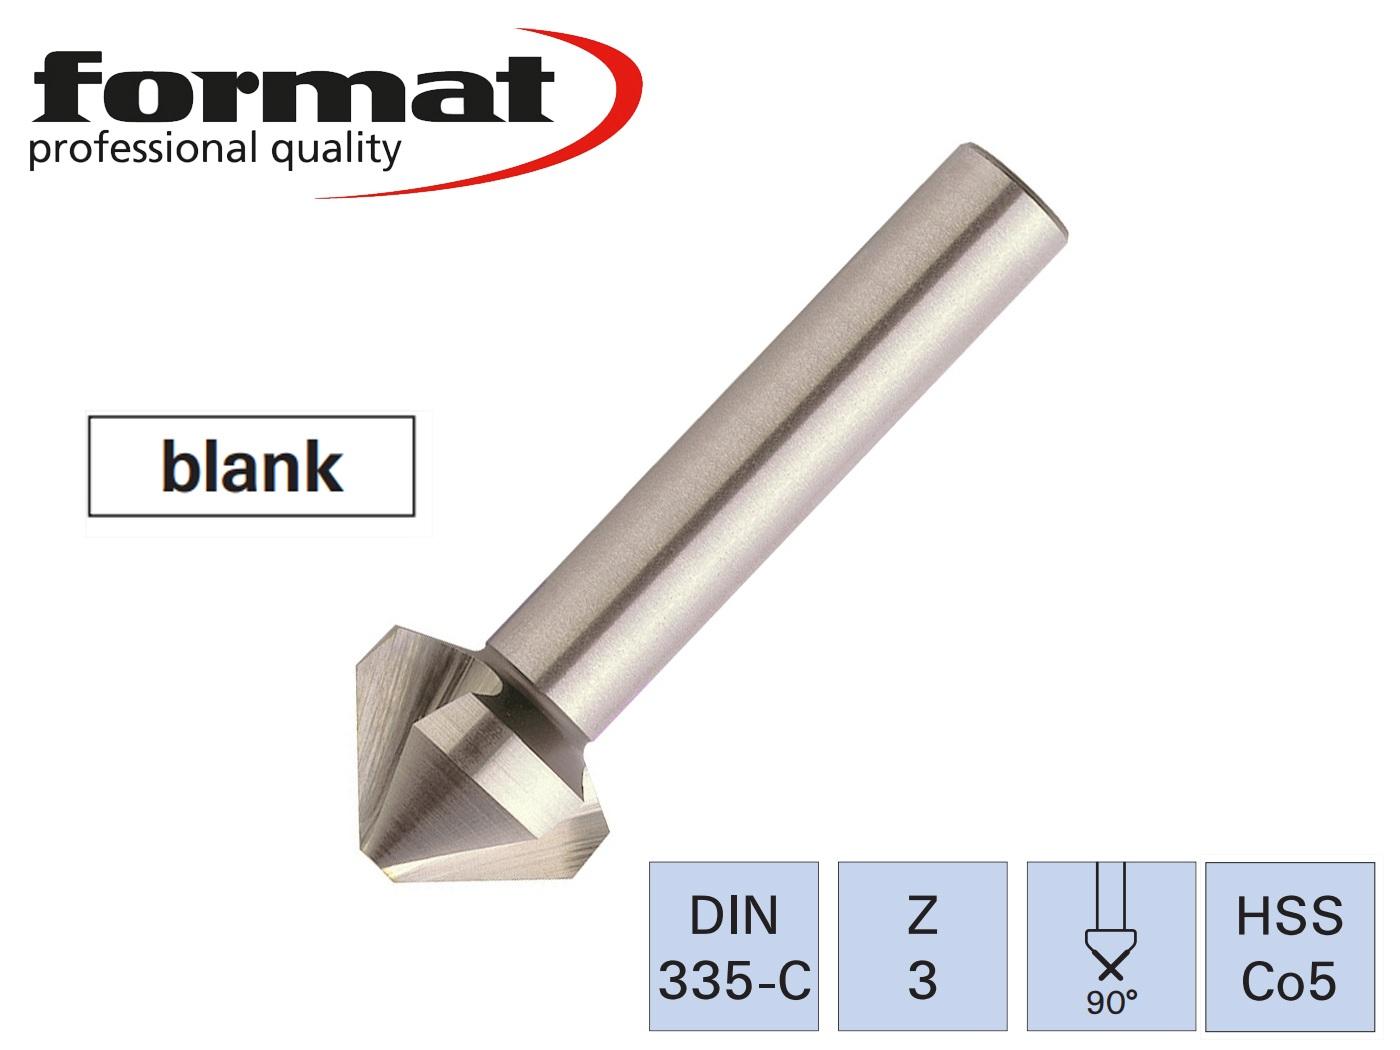 Verzinkboor DIN 335 C HSSE Co5   DKMTools - DKM Tools